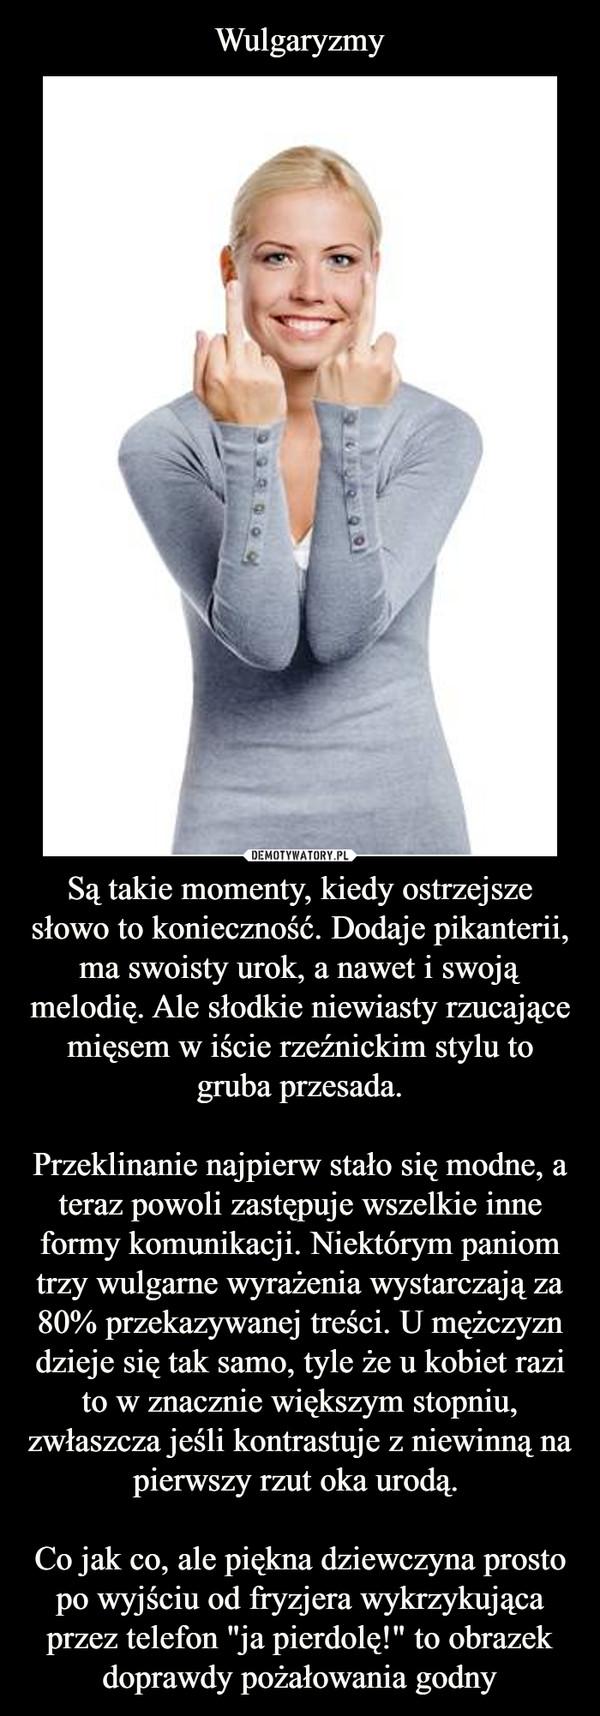 """Są takie momenty, kiedy ostrzejsze słowo to konieczność. Dodaje pikanterii, ma swoisty urok, a nawet i swoją melodię. Ale słodkie niewiasty rzucające mięsem w iście rzeźnickim stylu to gruba przesada.Przeklinanie najpierw stało się modne, a teraz powoli zastępuje wszelkie inne formy komunikacji. Niektórym paniom trzy wulgarne wyrażenia wystarczają za 80% przekazywanej treści. U mężczyzn dzieje się tak samo, tyle że u kobiet razi to w znacznie większym stopniu, zwłaszcza jeśli kontrastuje z niewinną na pierwszy rzut oka urodą. Co jak co, ale piękna dziewczyna prosto po wyjściu od fryzjera wykrzykująca przez telefon """"ja pierdolę!"""" to obrazek doprawdy pożałowania godny –"""